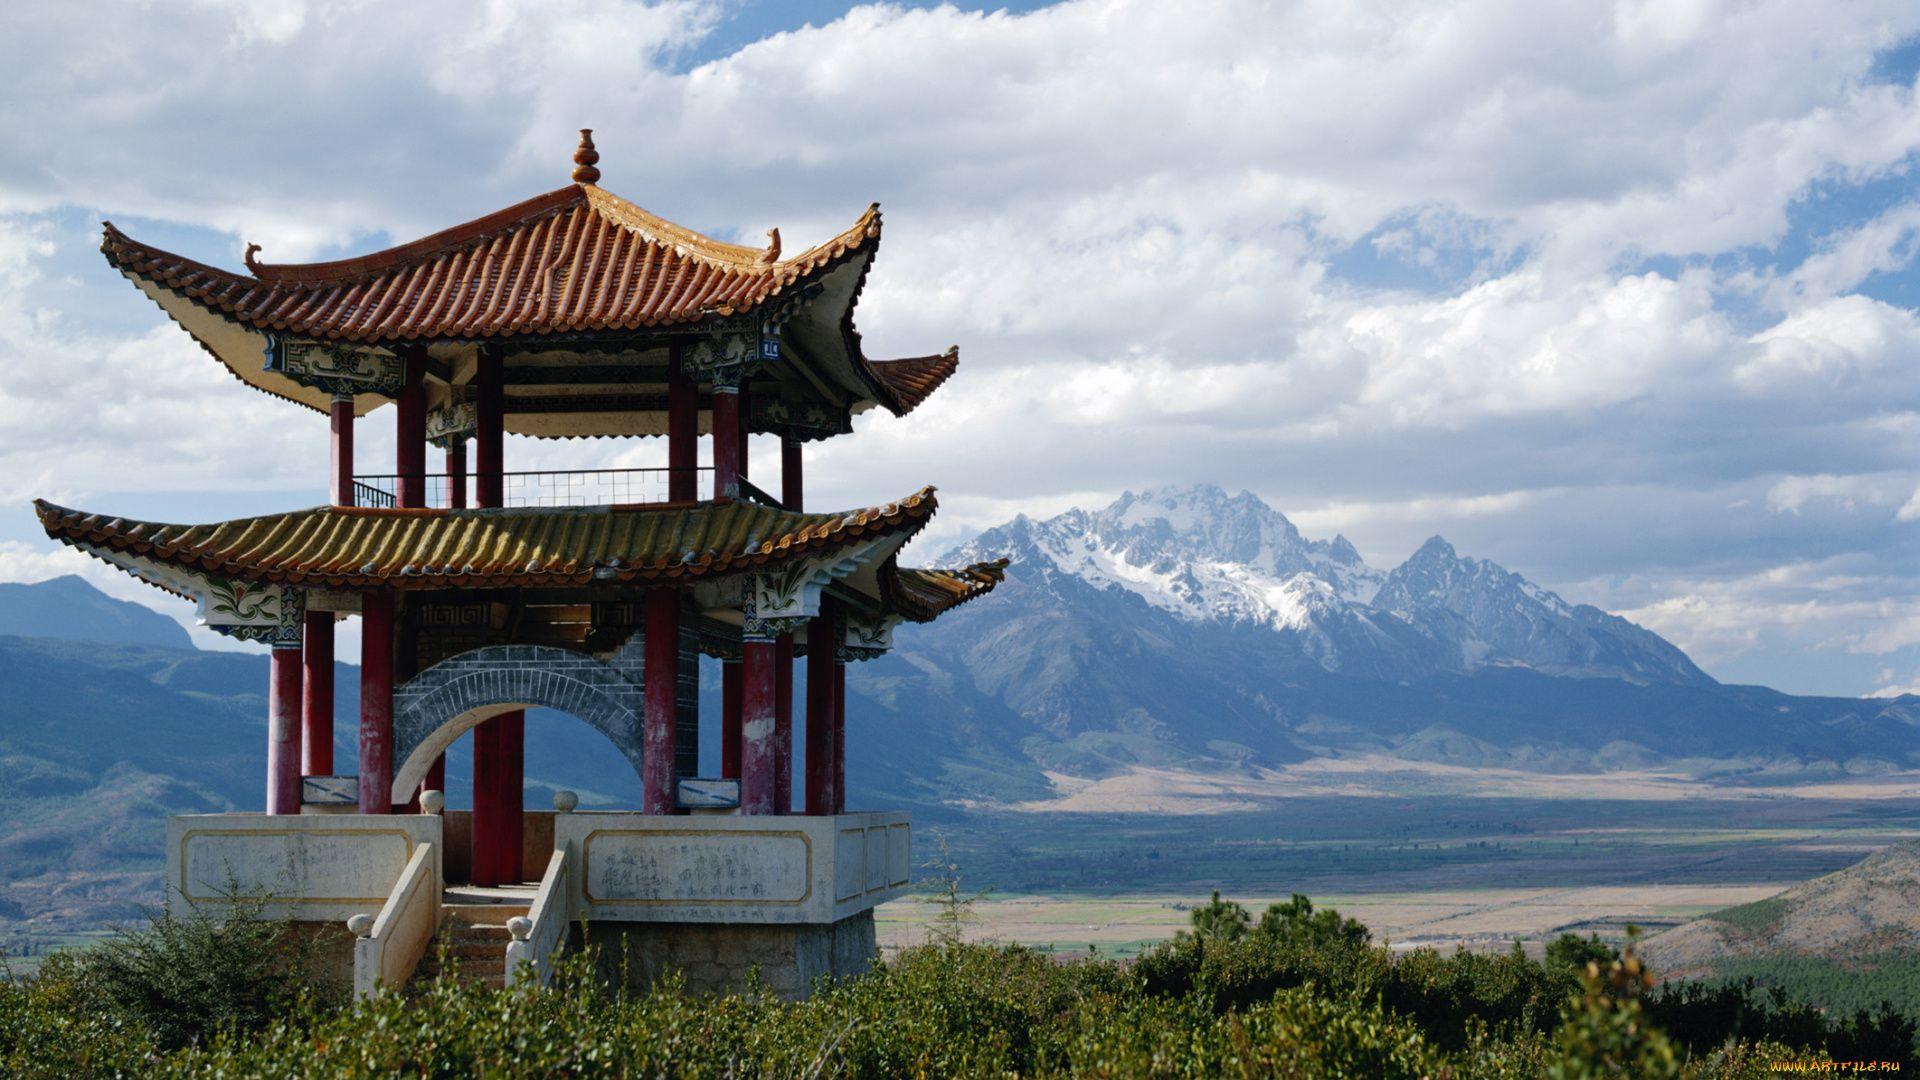 Tibet download nice wallpaper